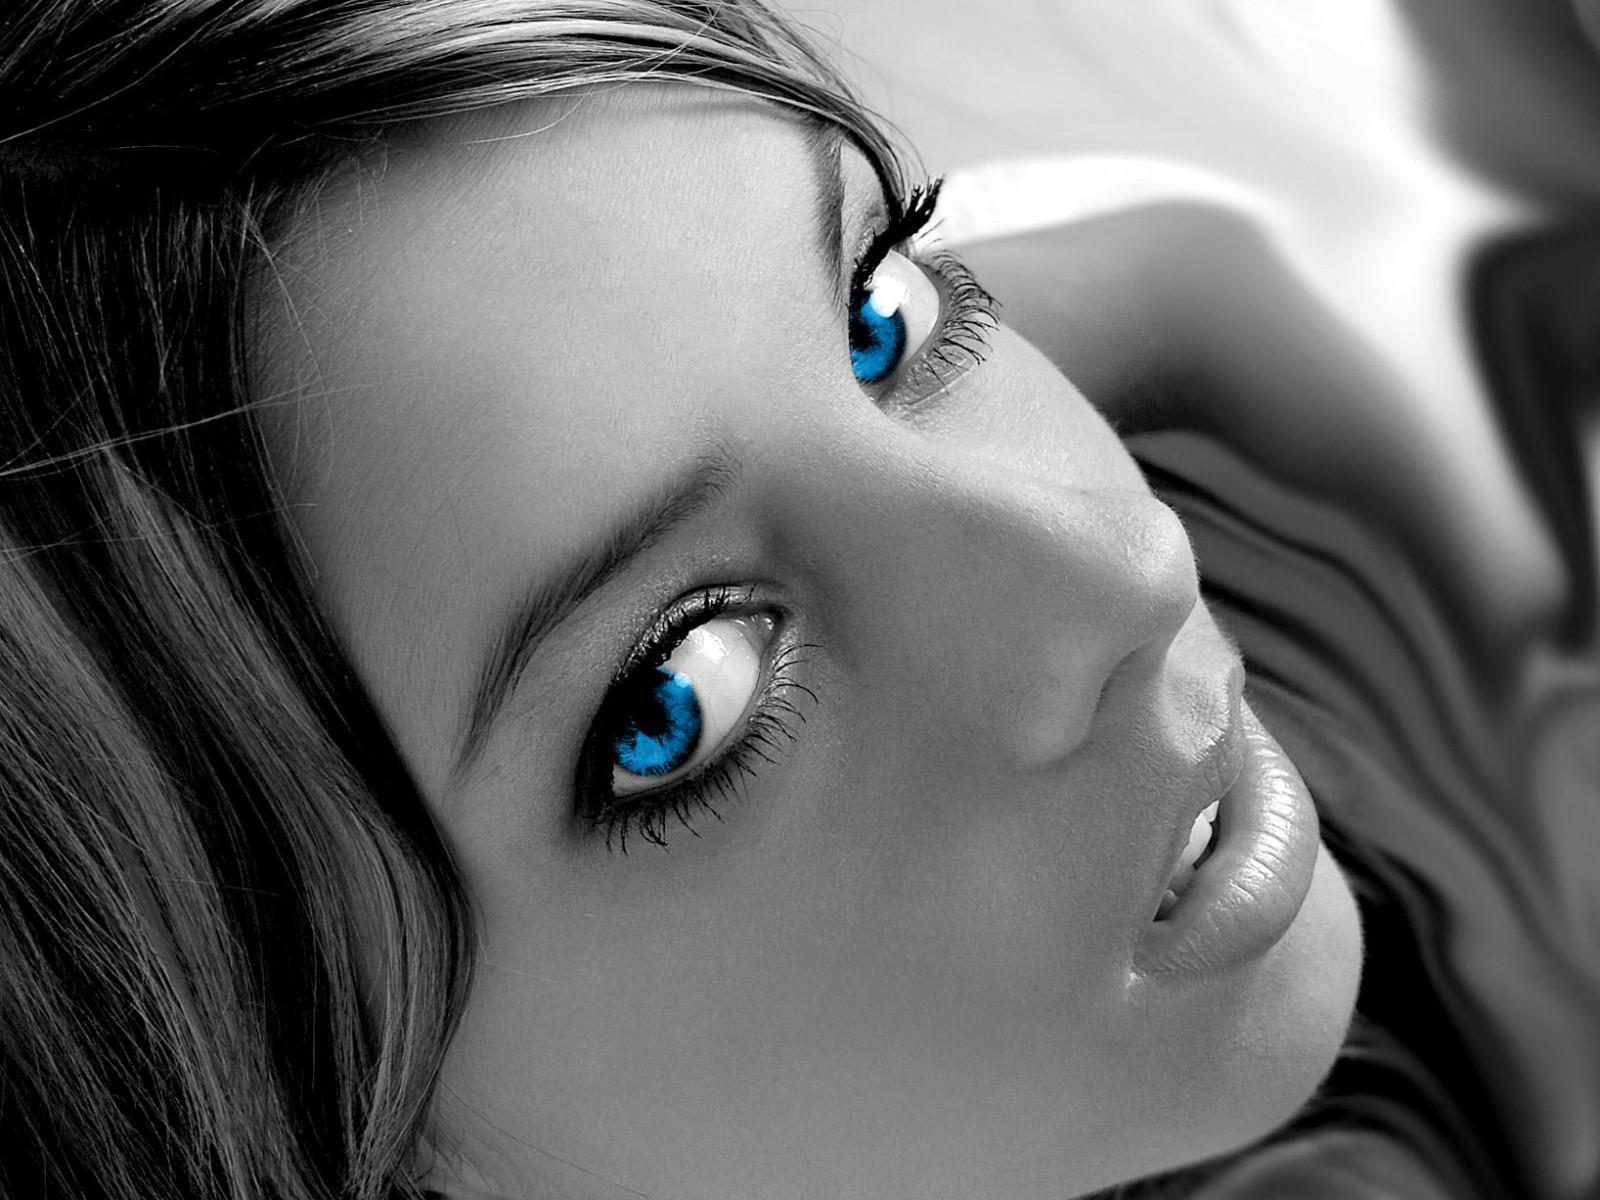 http://4.bp.blogspot.com/-SX_nuRgCb1k/T1W1gFqGgoI/AAAAAAAACgw/Rx_M3CfW1t0/s1600/Top-Women-Blu-eyes.jpg